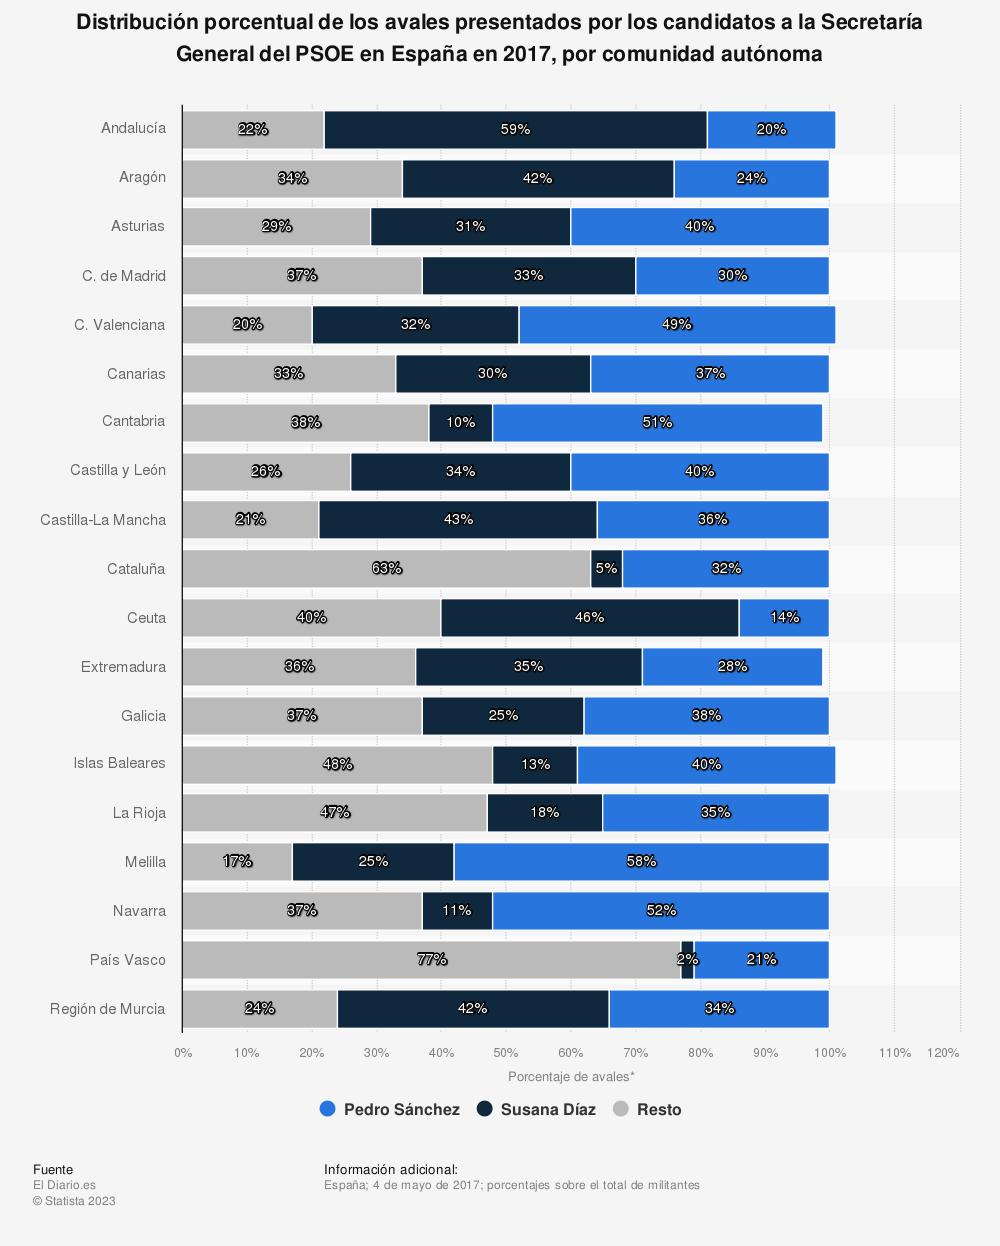 Estadística: Distribución porcentual de los avales presentados por los candidatos a la Secretaría General del PSOE en España en 2017, por comunidad autónoma | Statista